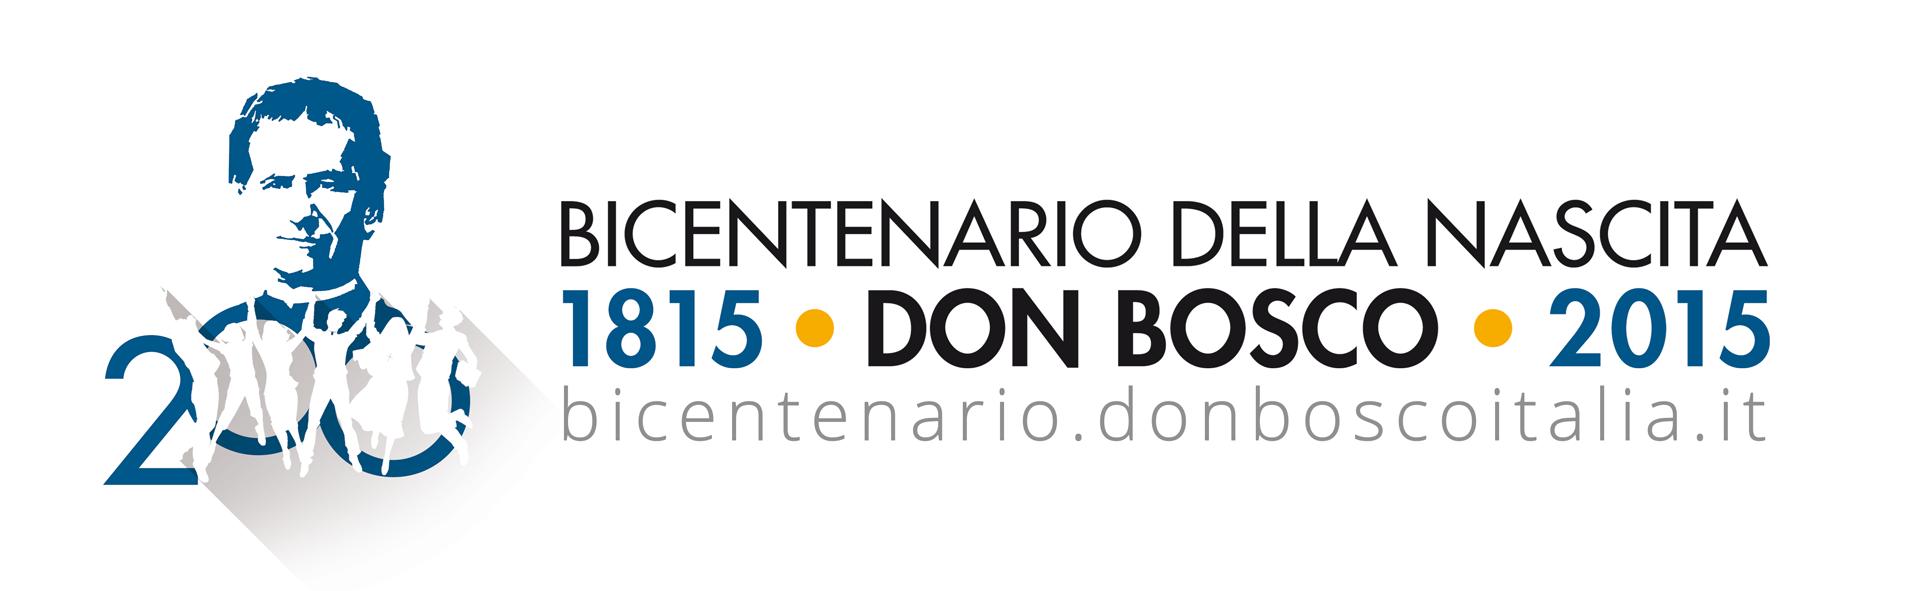 BicentenarioDonBosco